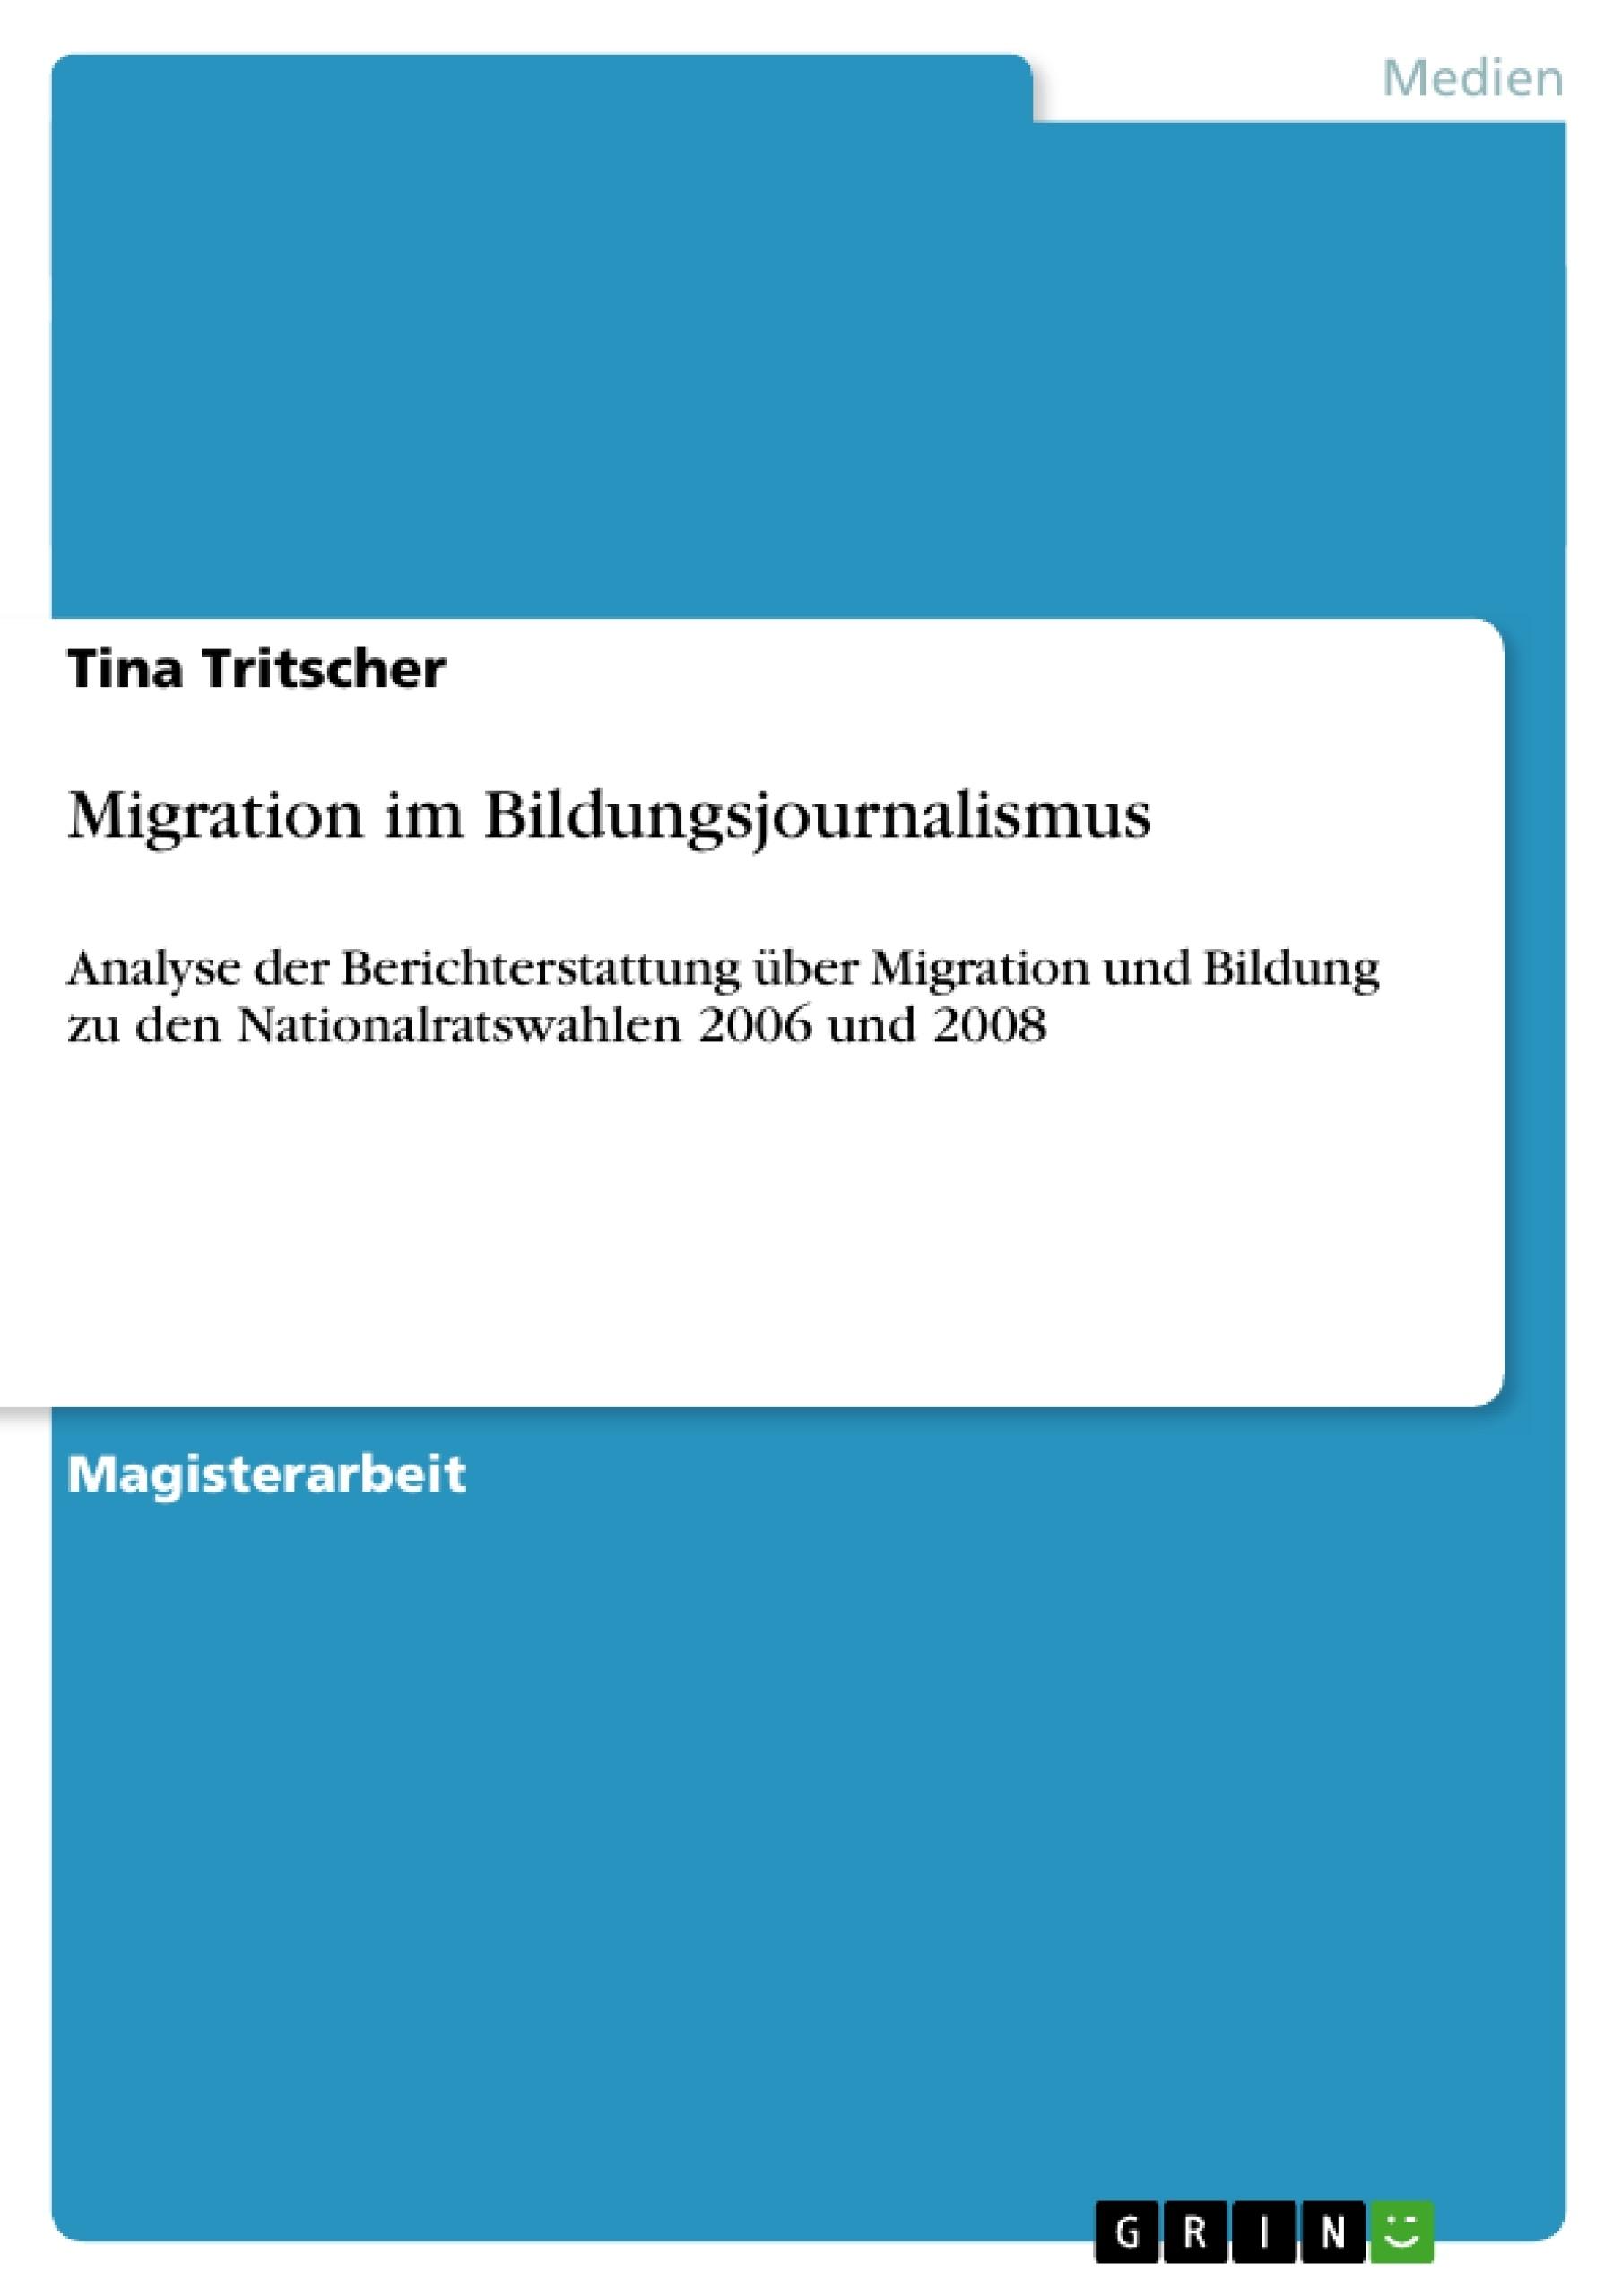 Titel: Migration im Bildungsjournalismus